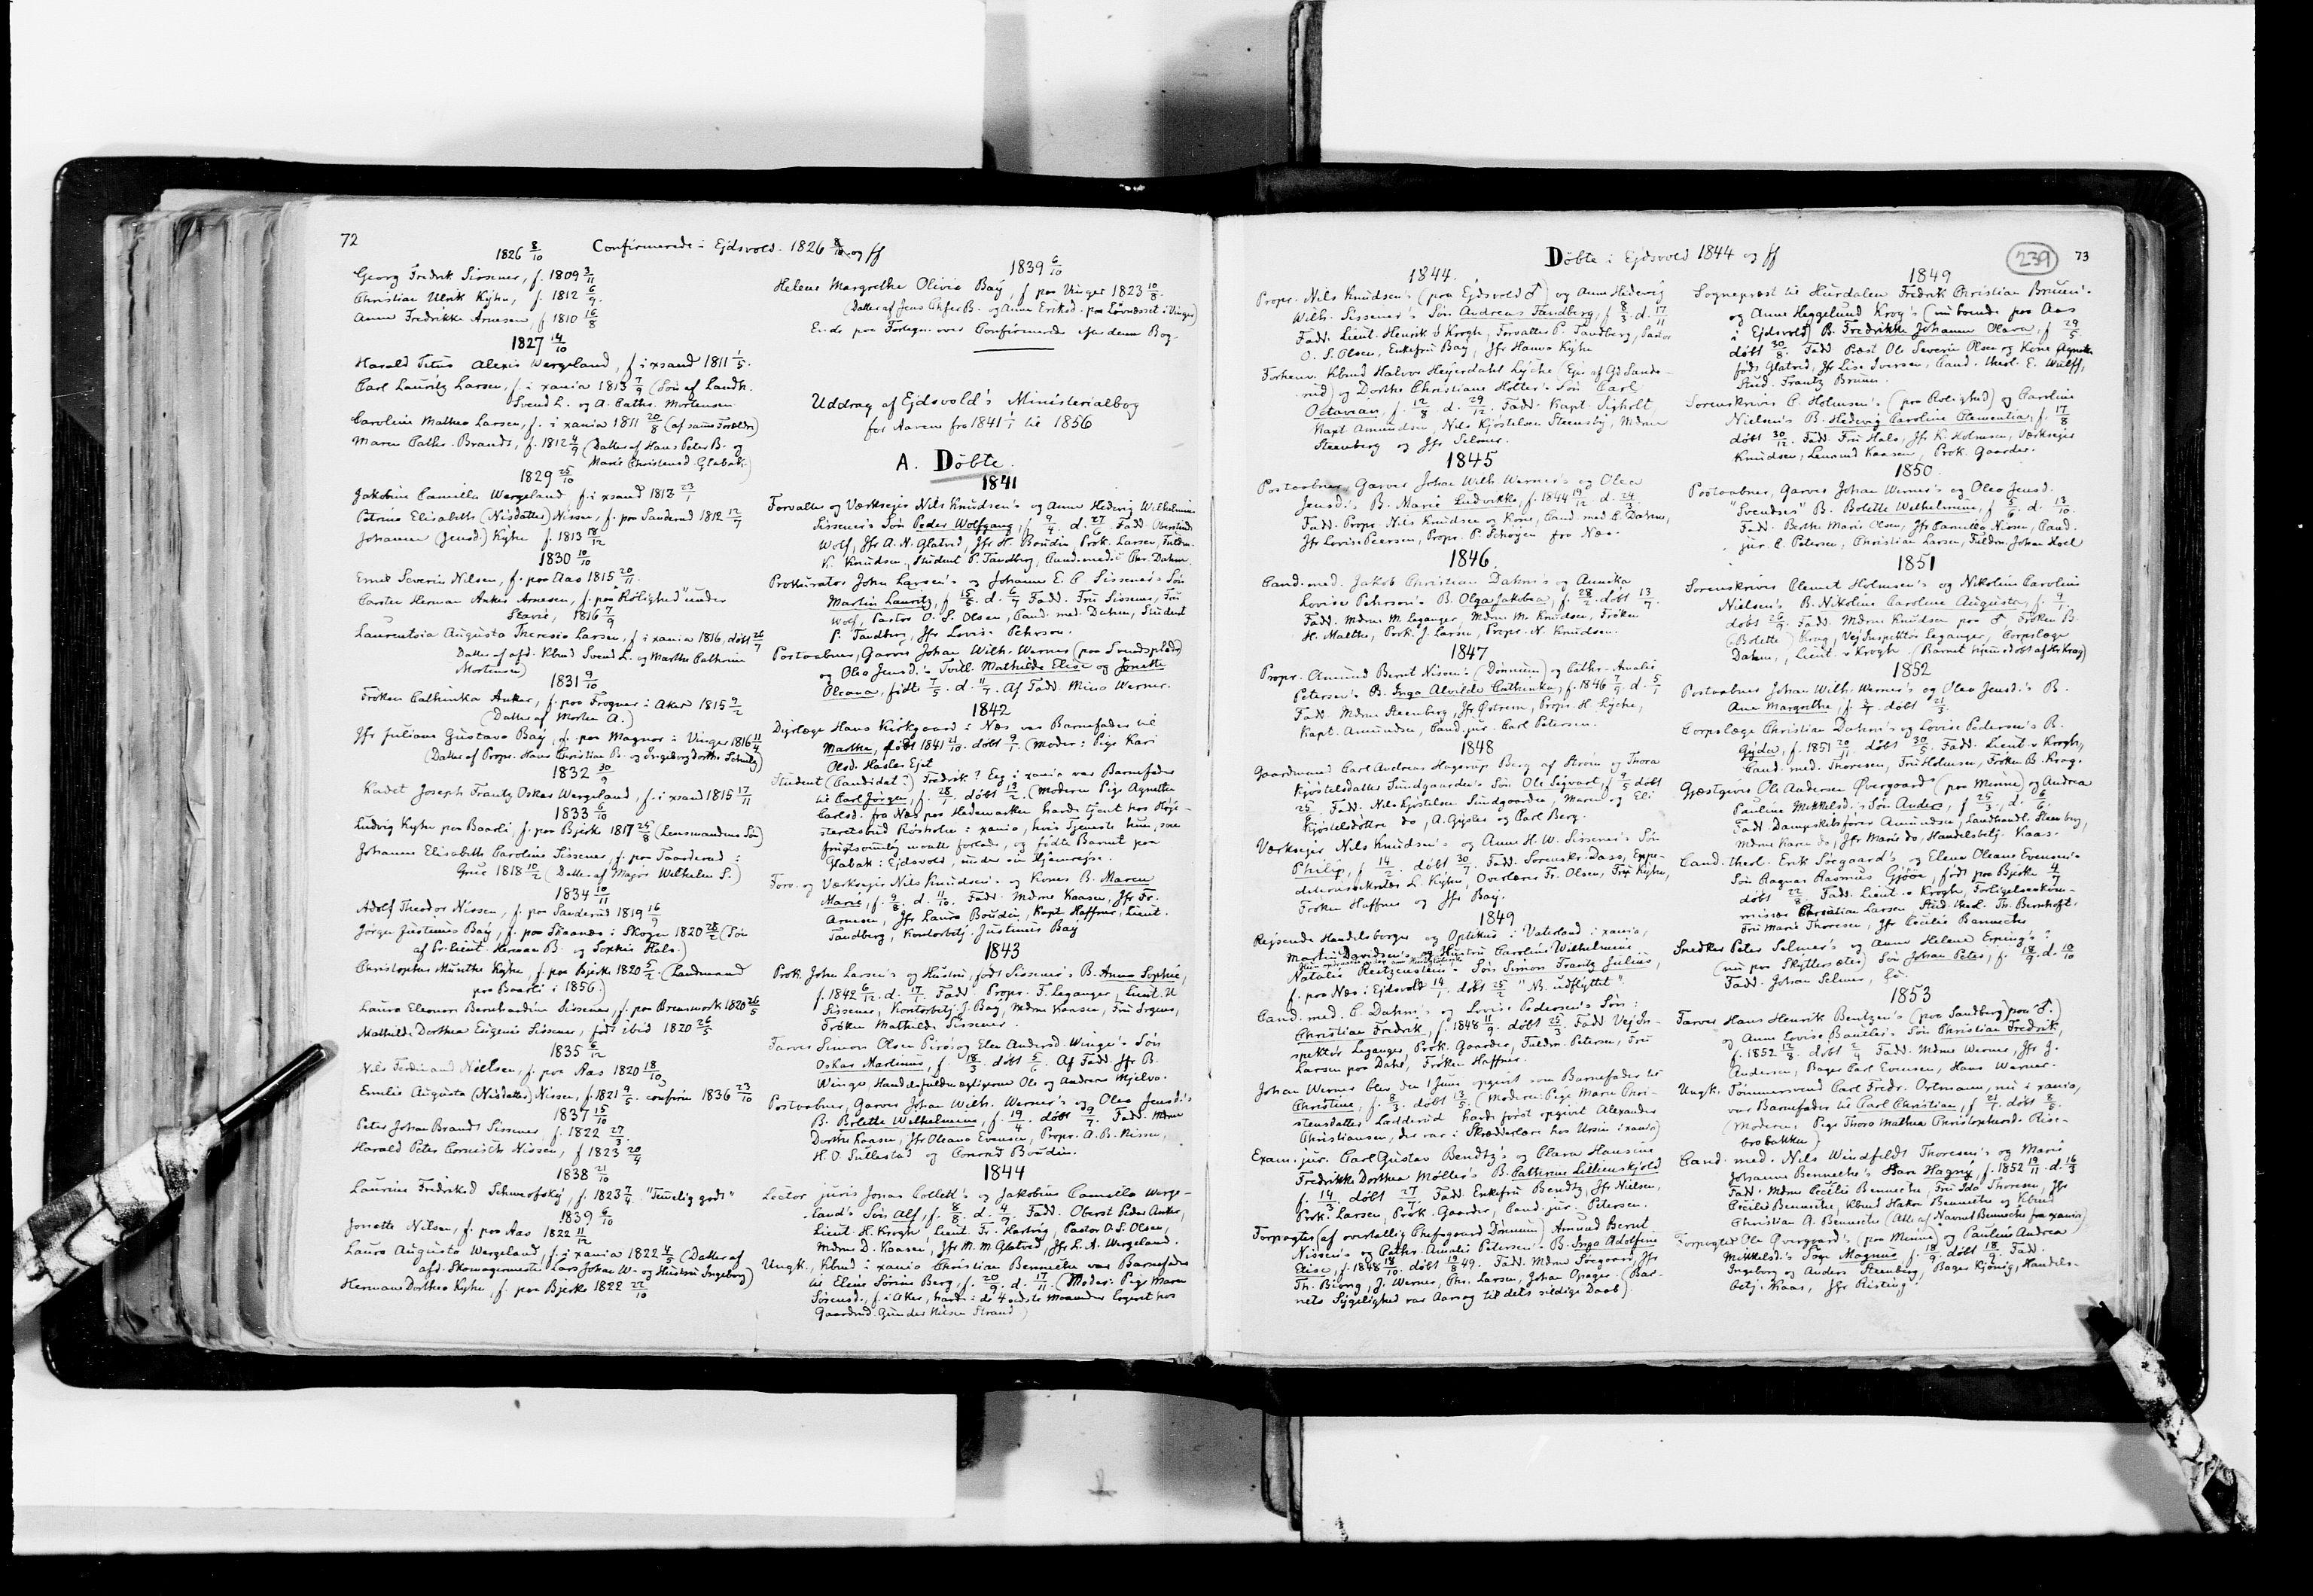 RA, Lassens samlinger, F/Fc, s. 239